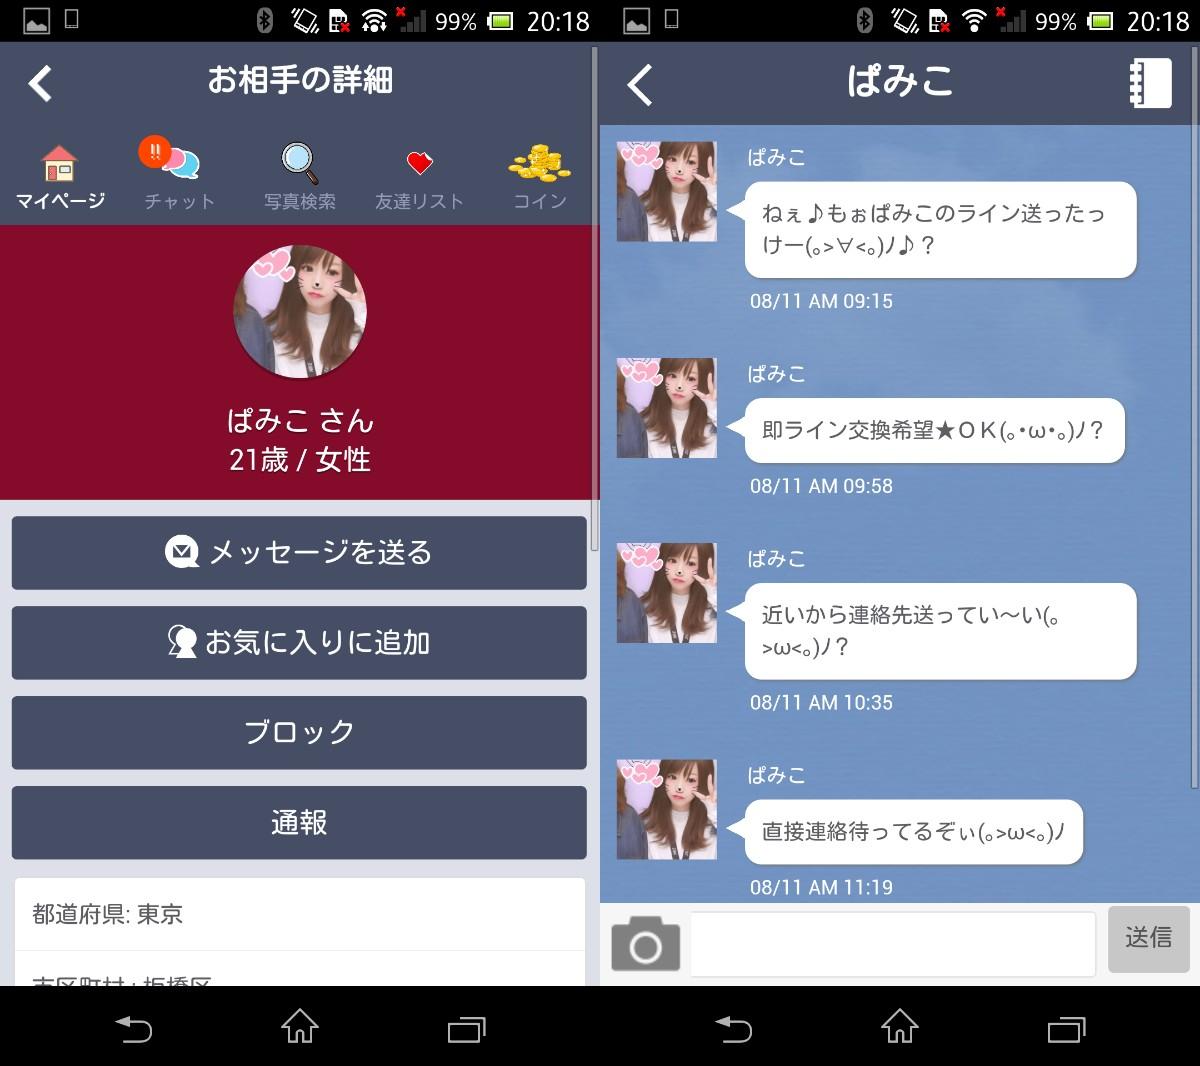 出会いにチャット&掲示板アプリ「友恋」無料登録の出会系アプリサクラのぱみこ